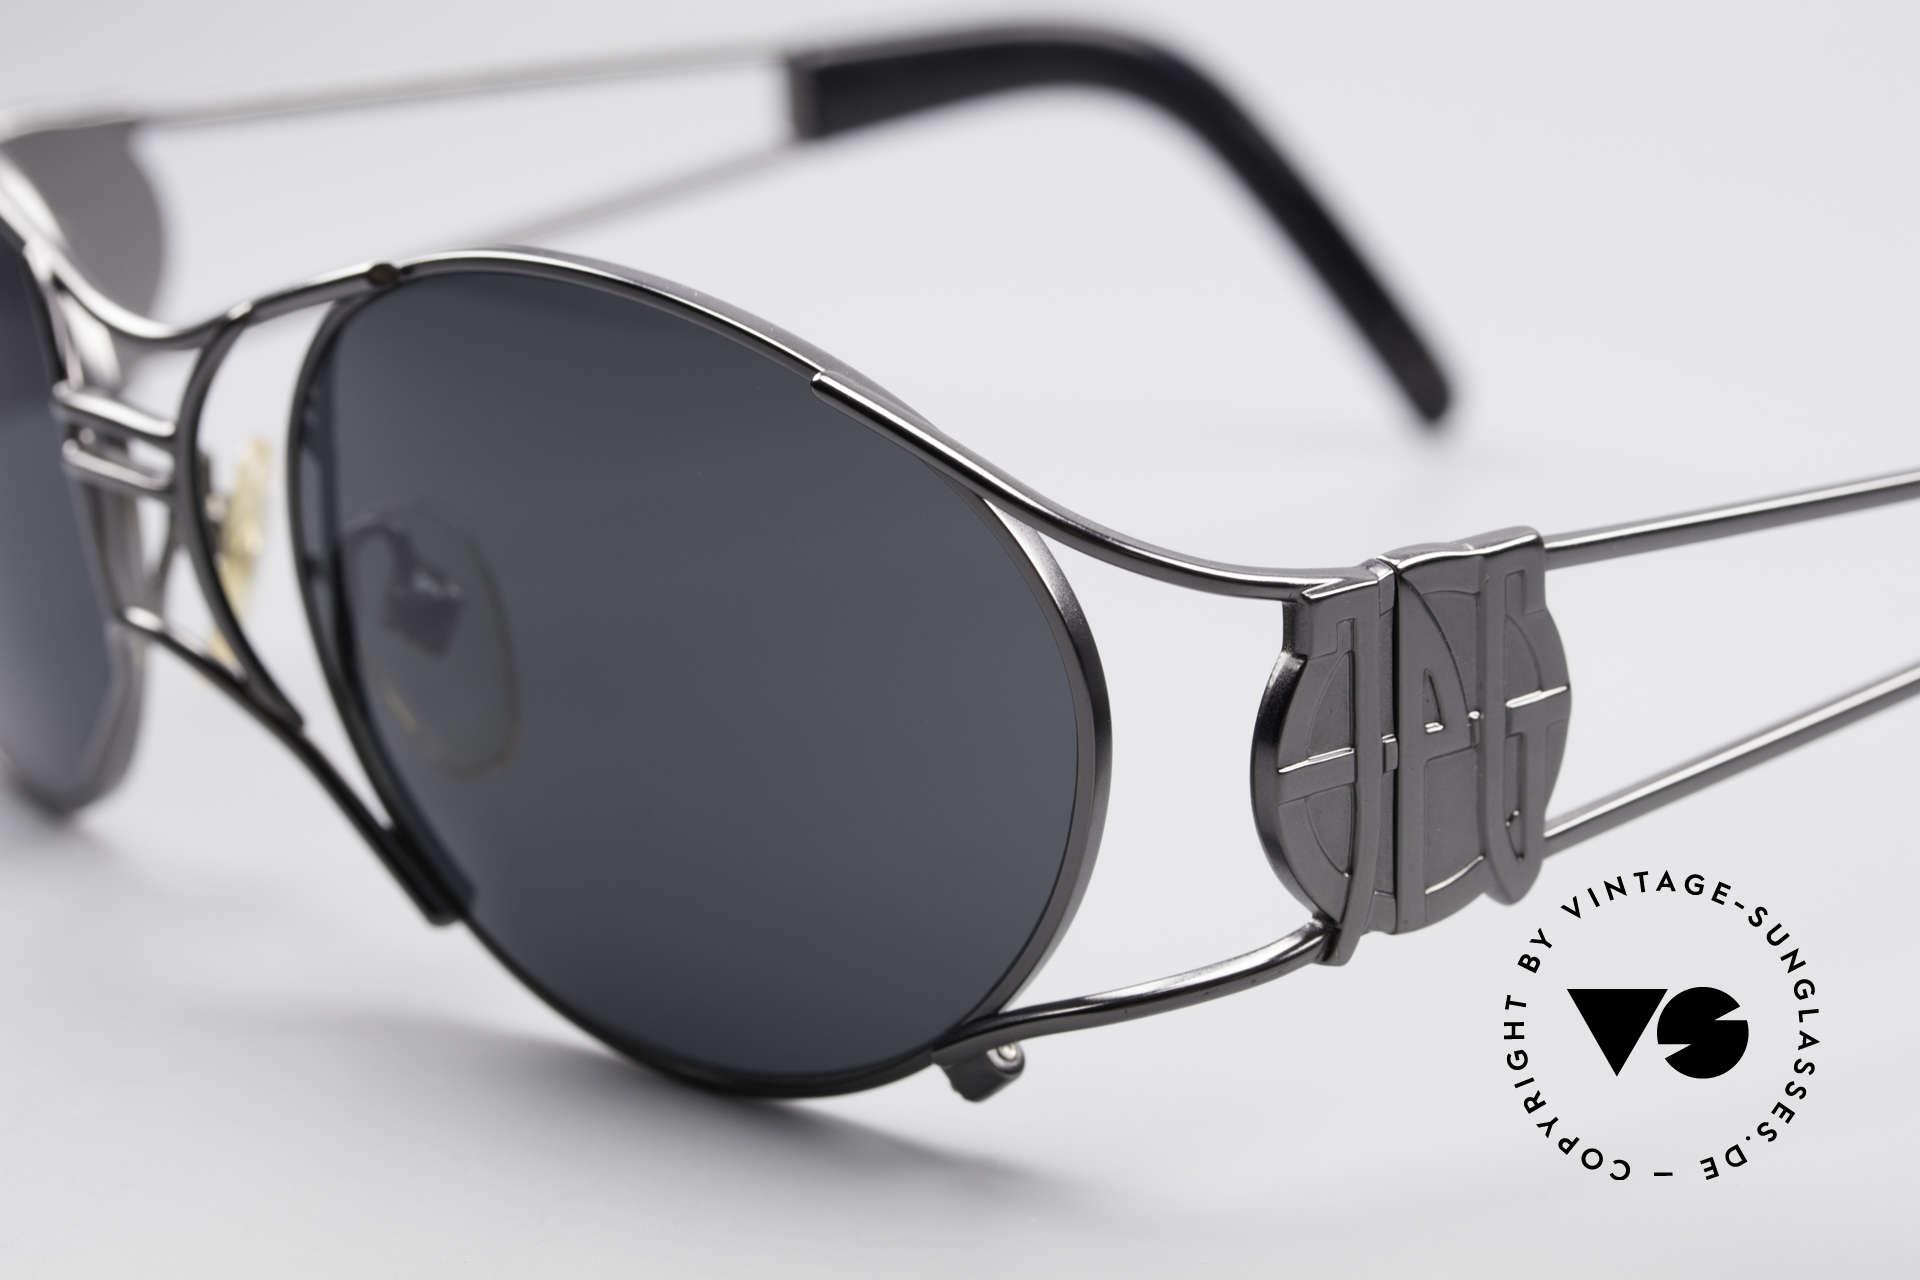 Jean Paul Gaultier 58-6101 Steampunk 90er Sonnenbrille, herausragende Fertigungsqualität; made in JAPAN, Passend für Herren und Damen